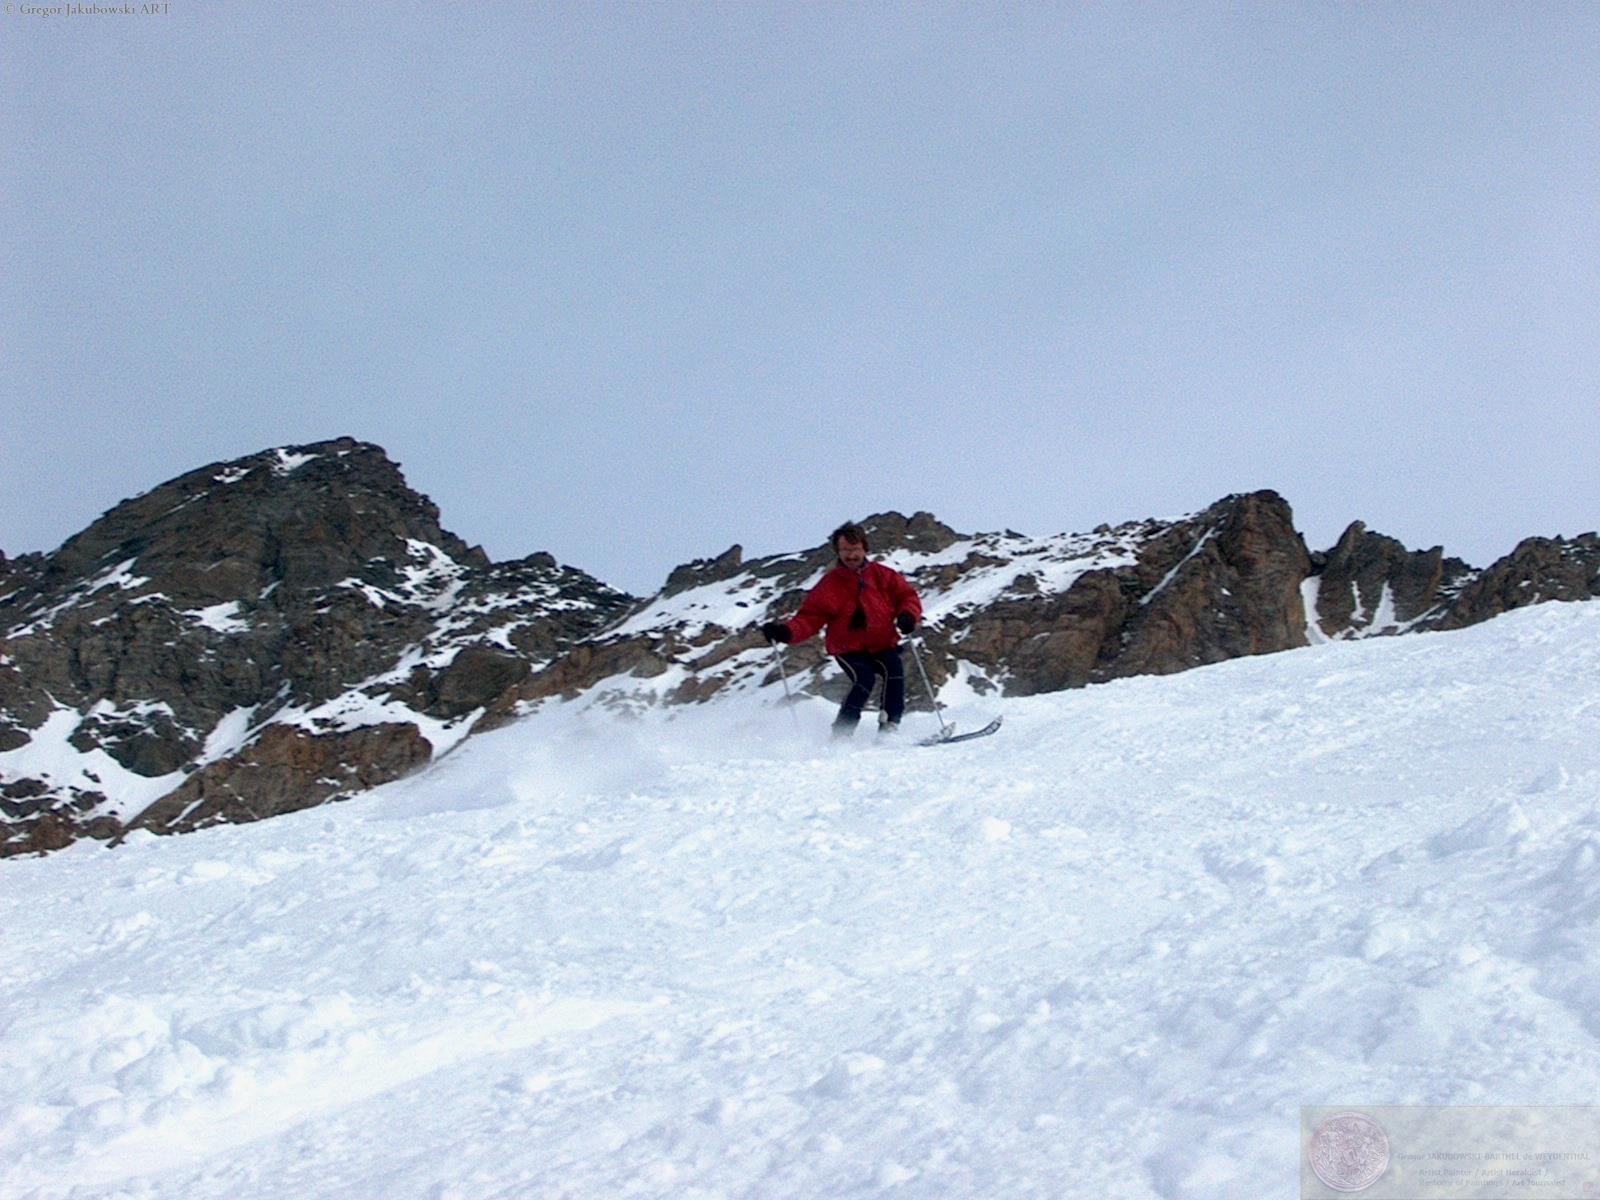 Gregor Jakubowski_Alps_GJ_ski